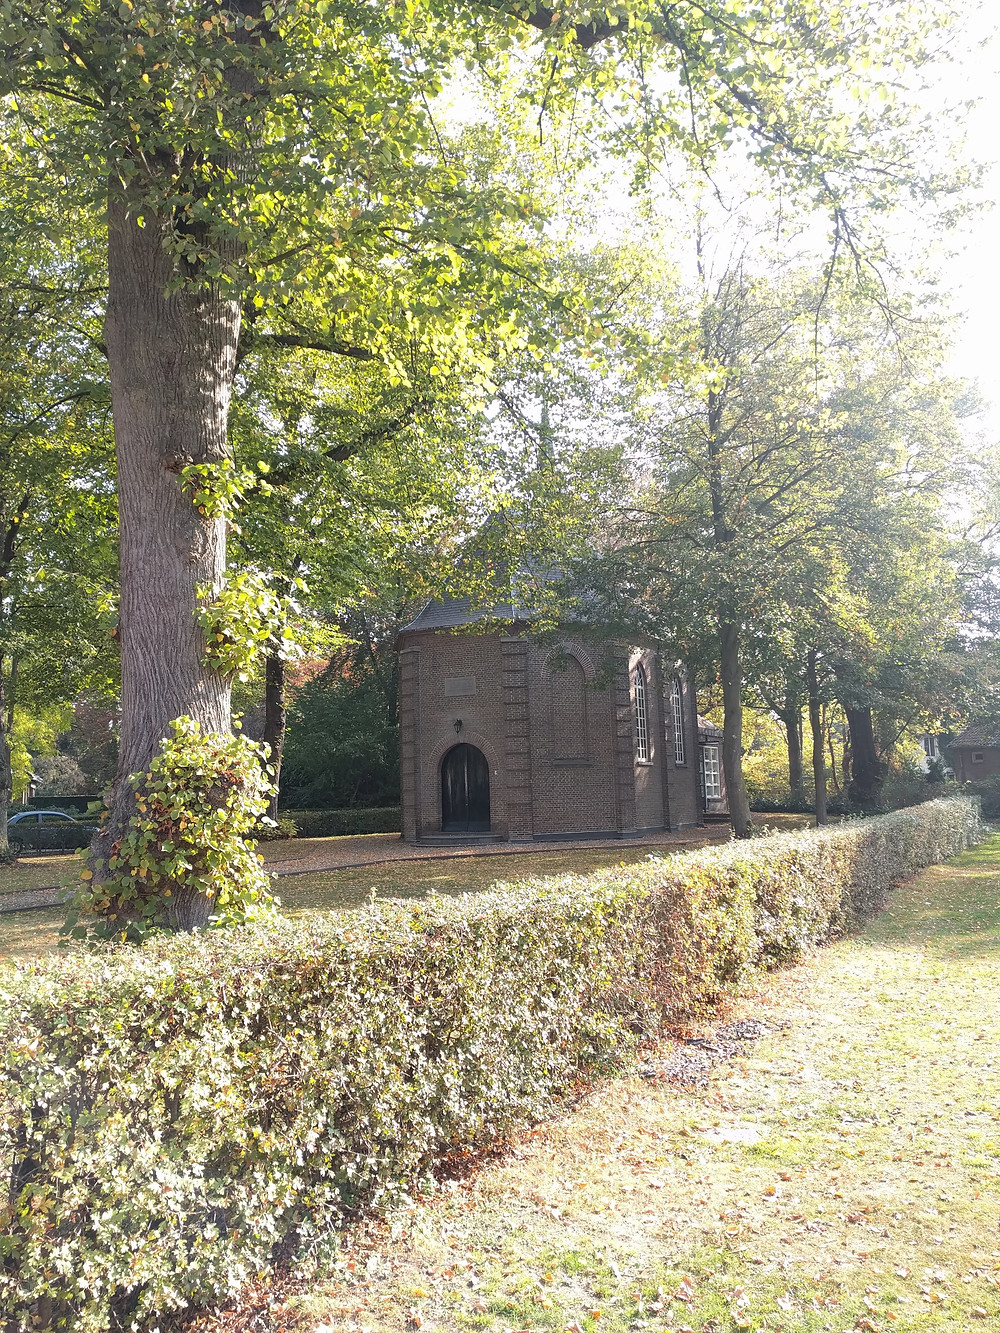 הכנסיה משנת 1824 בסגנון ניאו-קלאסי.את הכנסיה צייר כמתנה עבור אימו בזמן מחלתה. לאחר מות אביו עיבד מחדש את הציור והוסיף אנשי כפר באבל סביב הכנסיה.